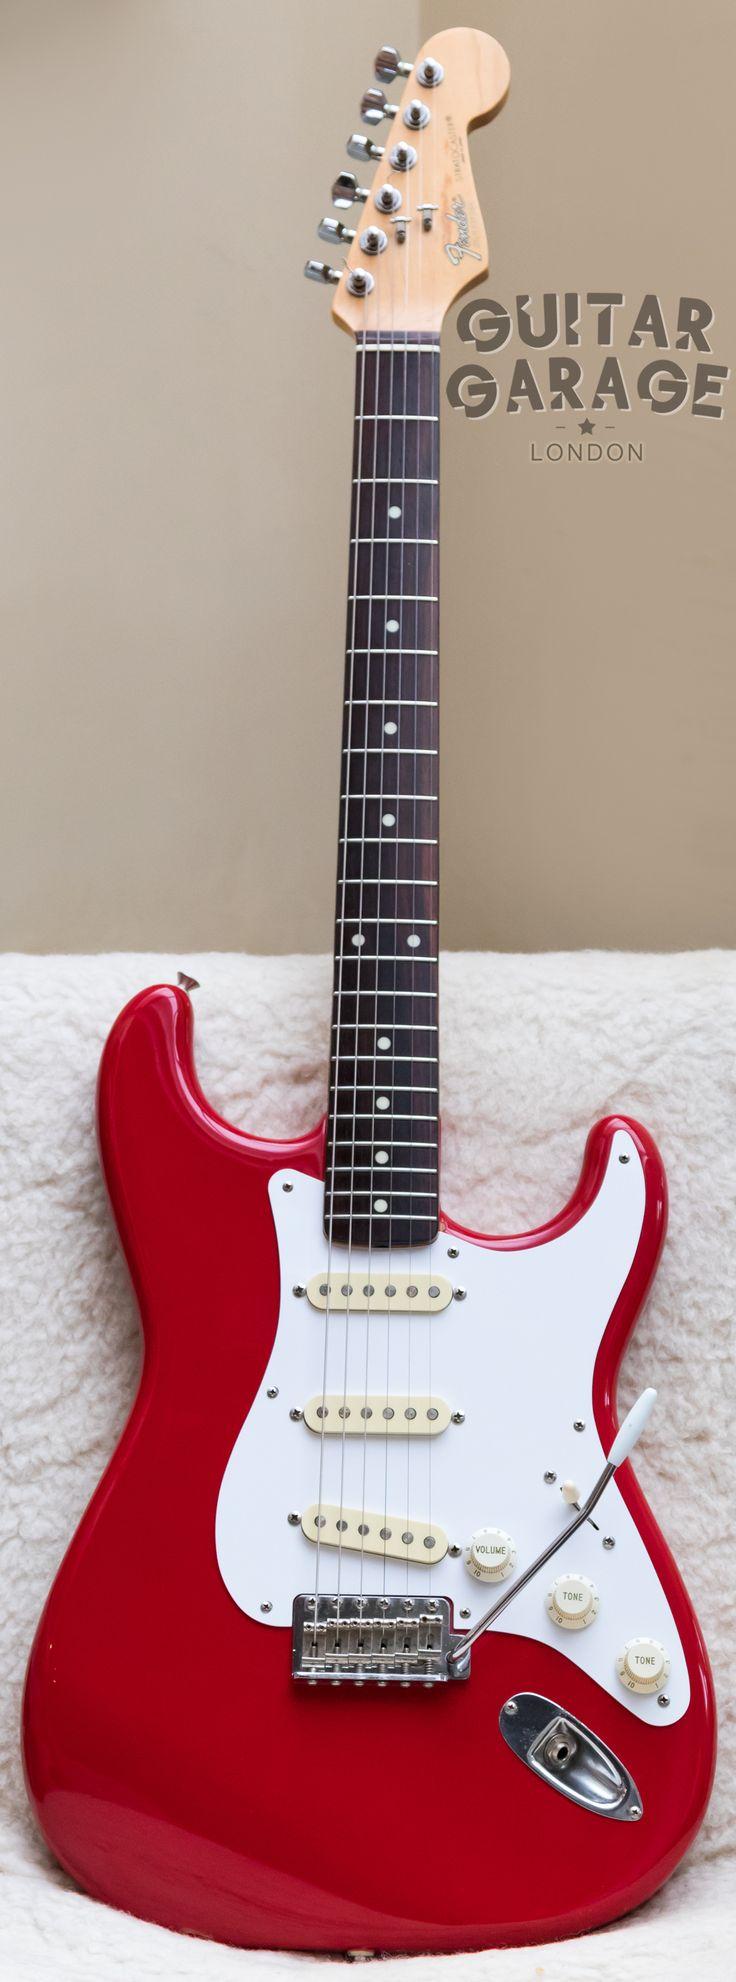 1988 Fender Japan 62 Vintage Reissue Stratocaster Torino Red